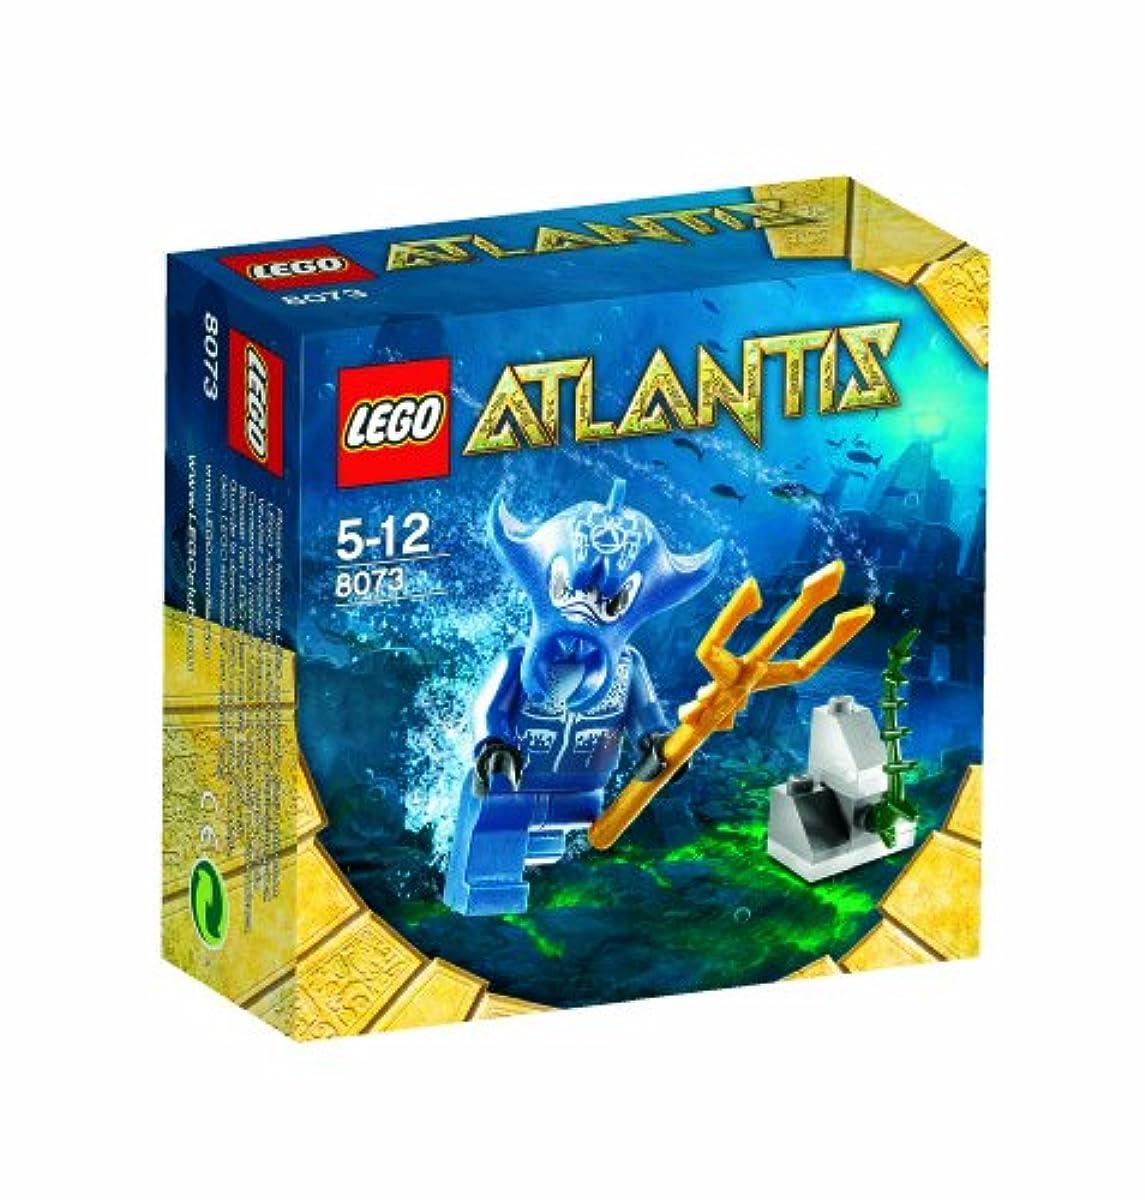 [해외] LEGO ATLANTIS 8073 MANTA WARRIOR 레고 아틀란티스 맨다워리어